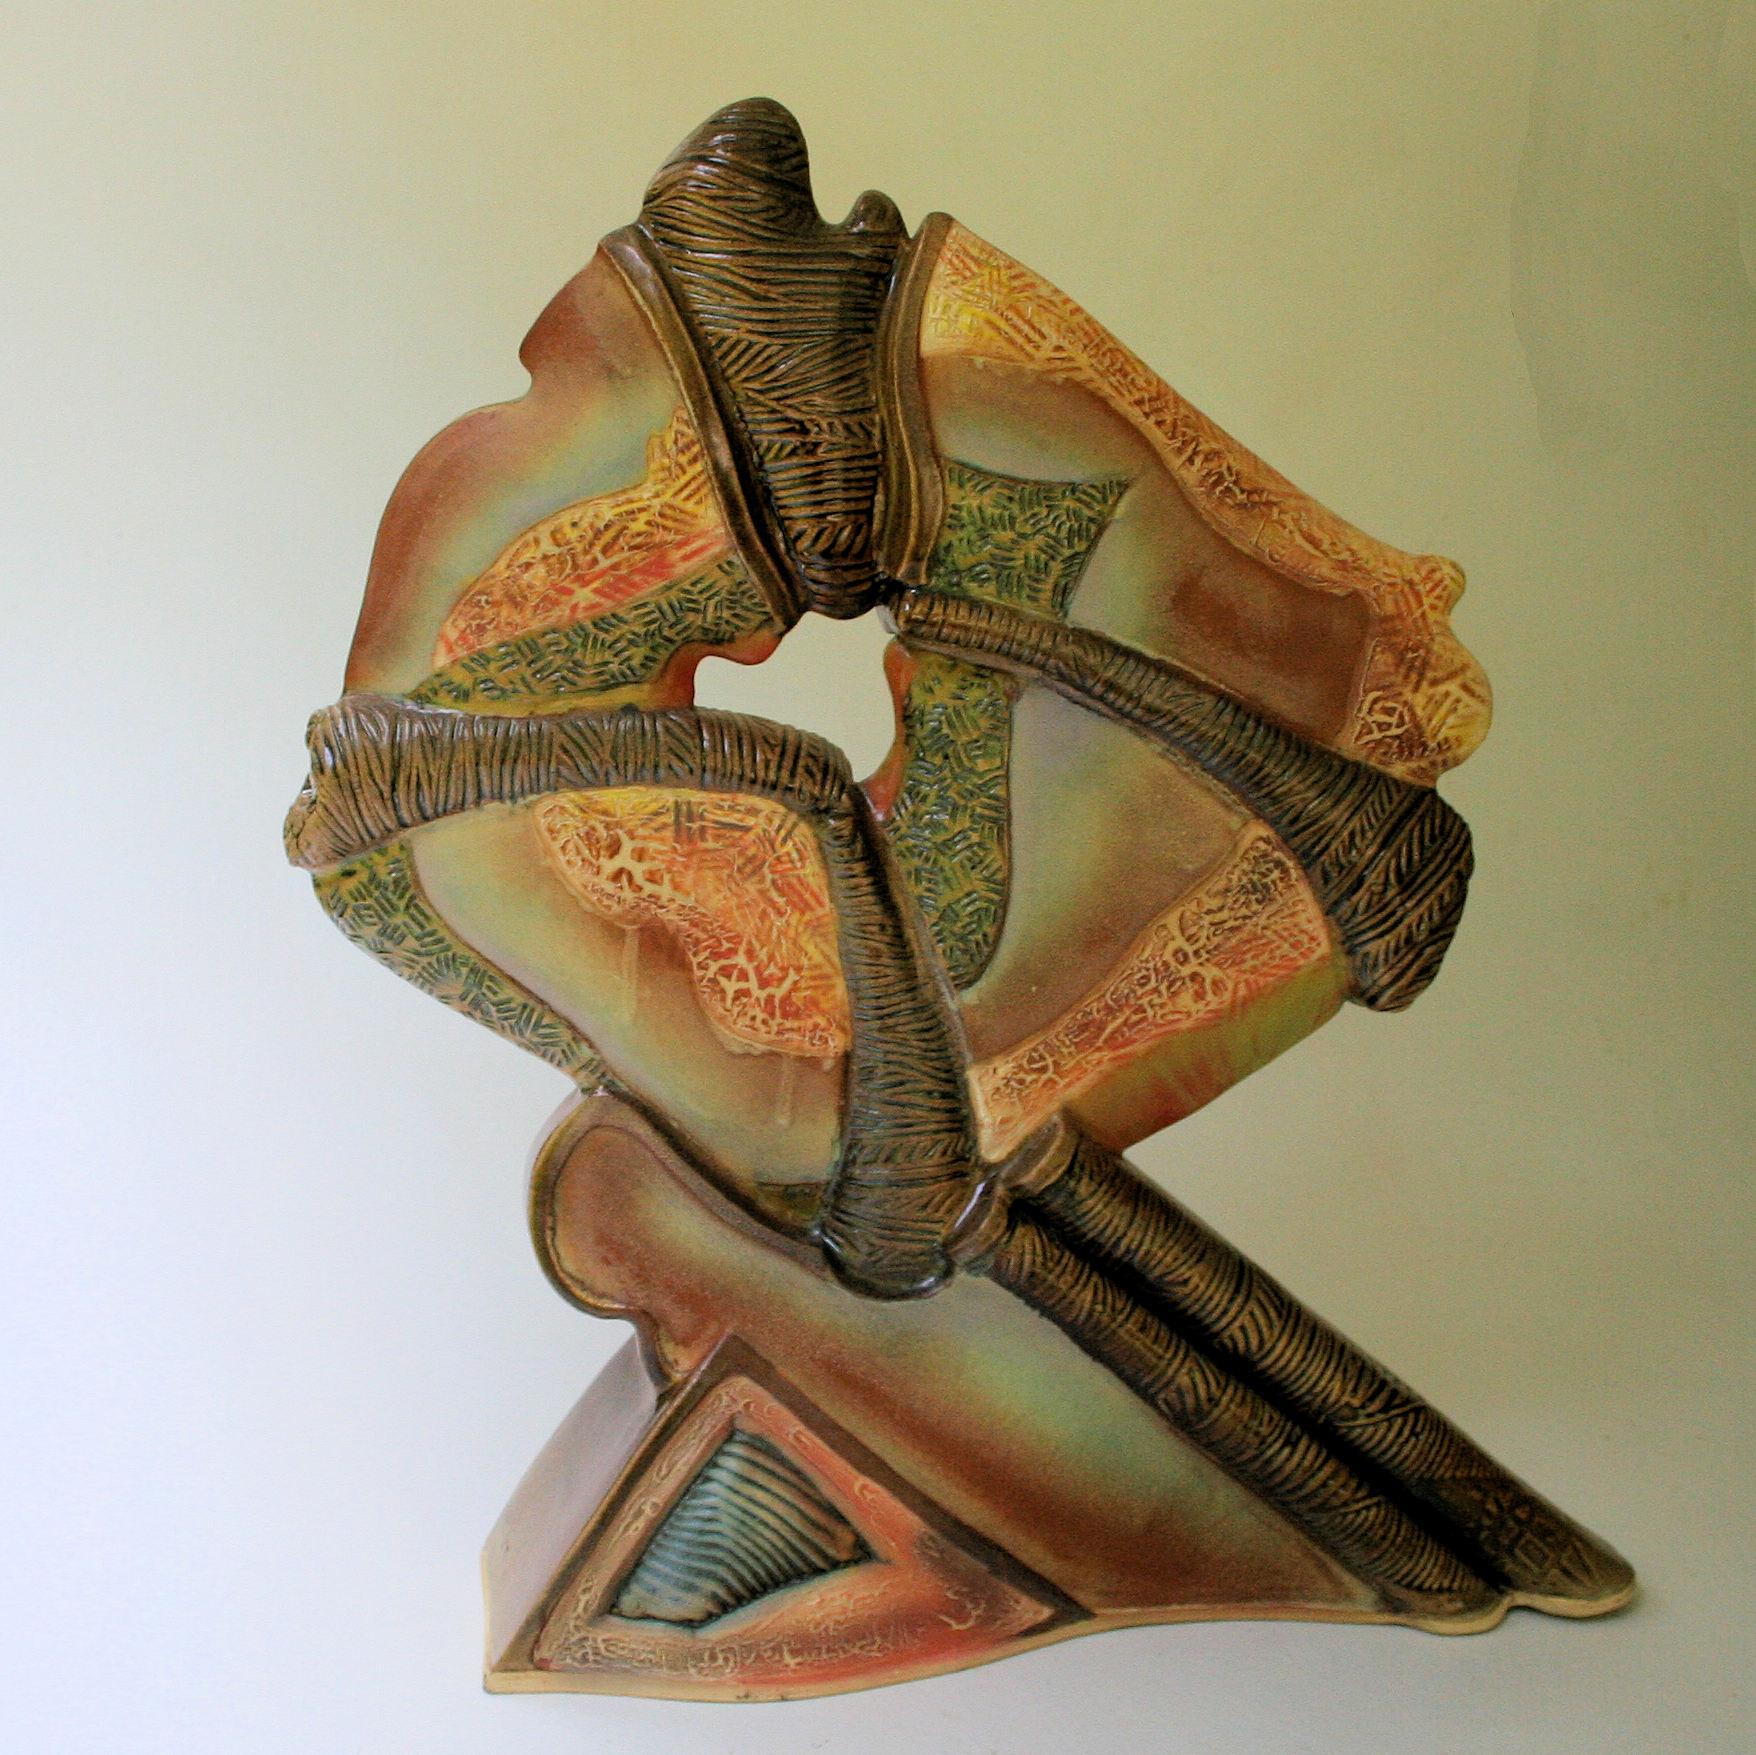 Tectonic Shift by Helene Fielder